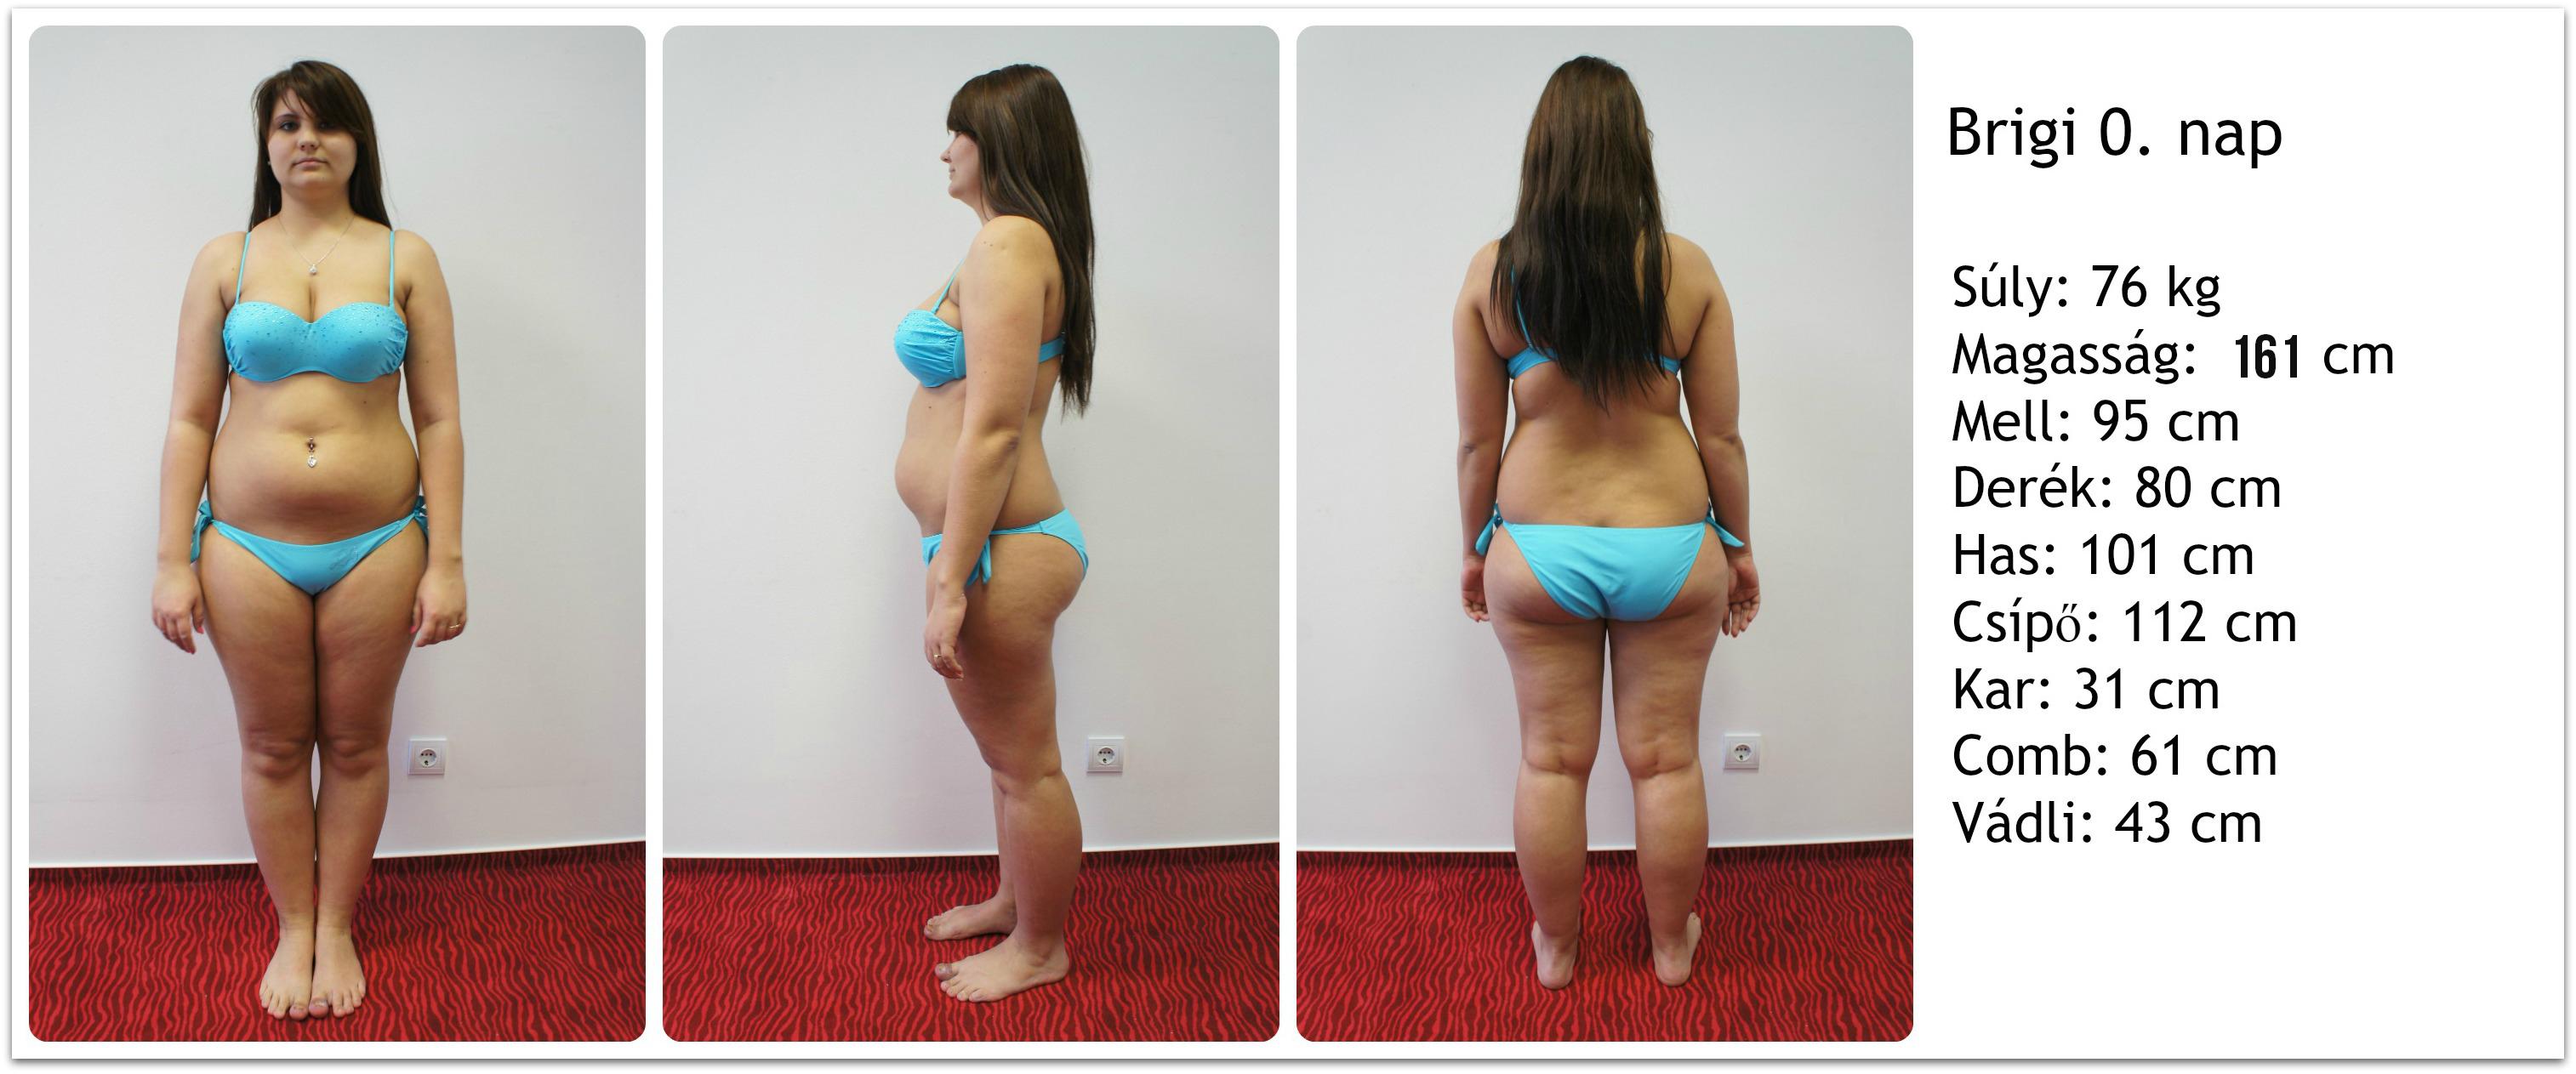 Pluszkilók, hormonális változások? – Így maradj karcsú 40 fölött!   Well&fit